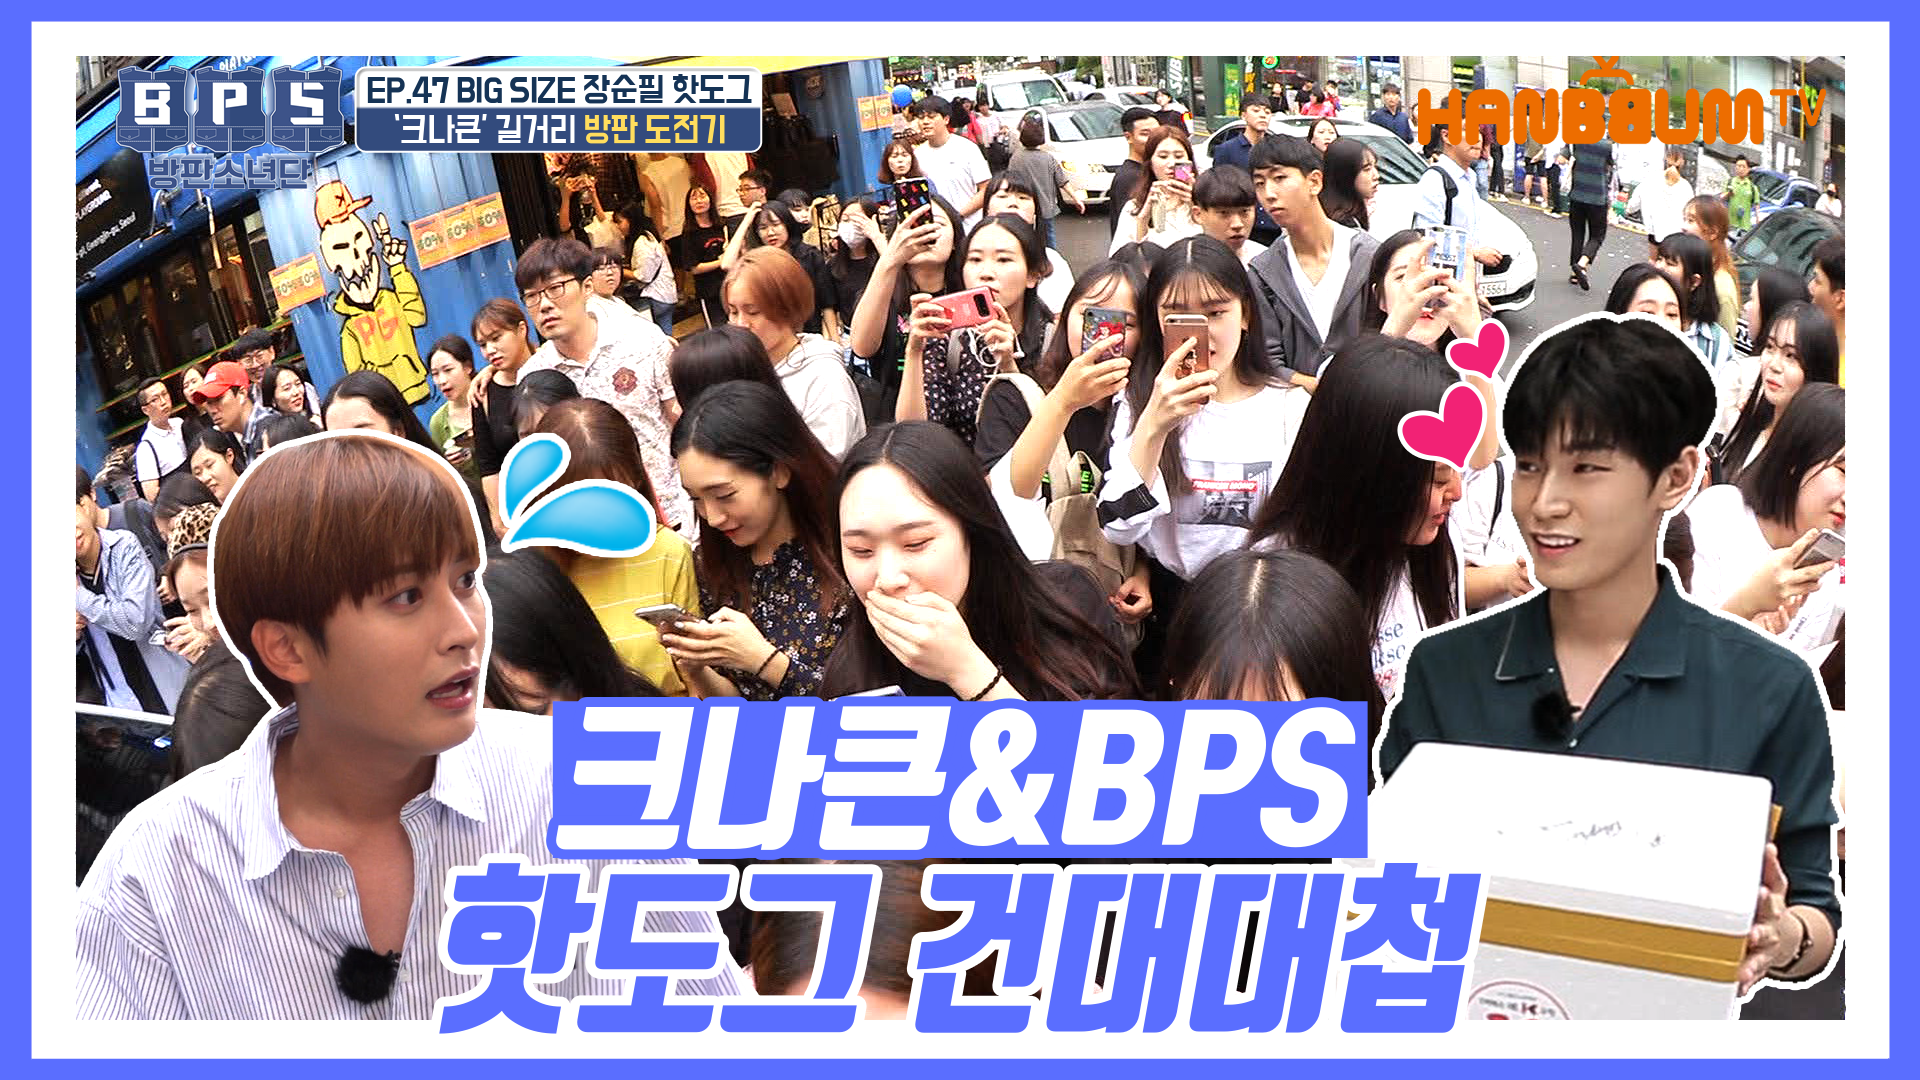 [방판소년단 EP47] '크나큰 & B.P.S' 핫도그 건대대첩?!